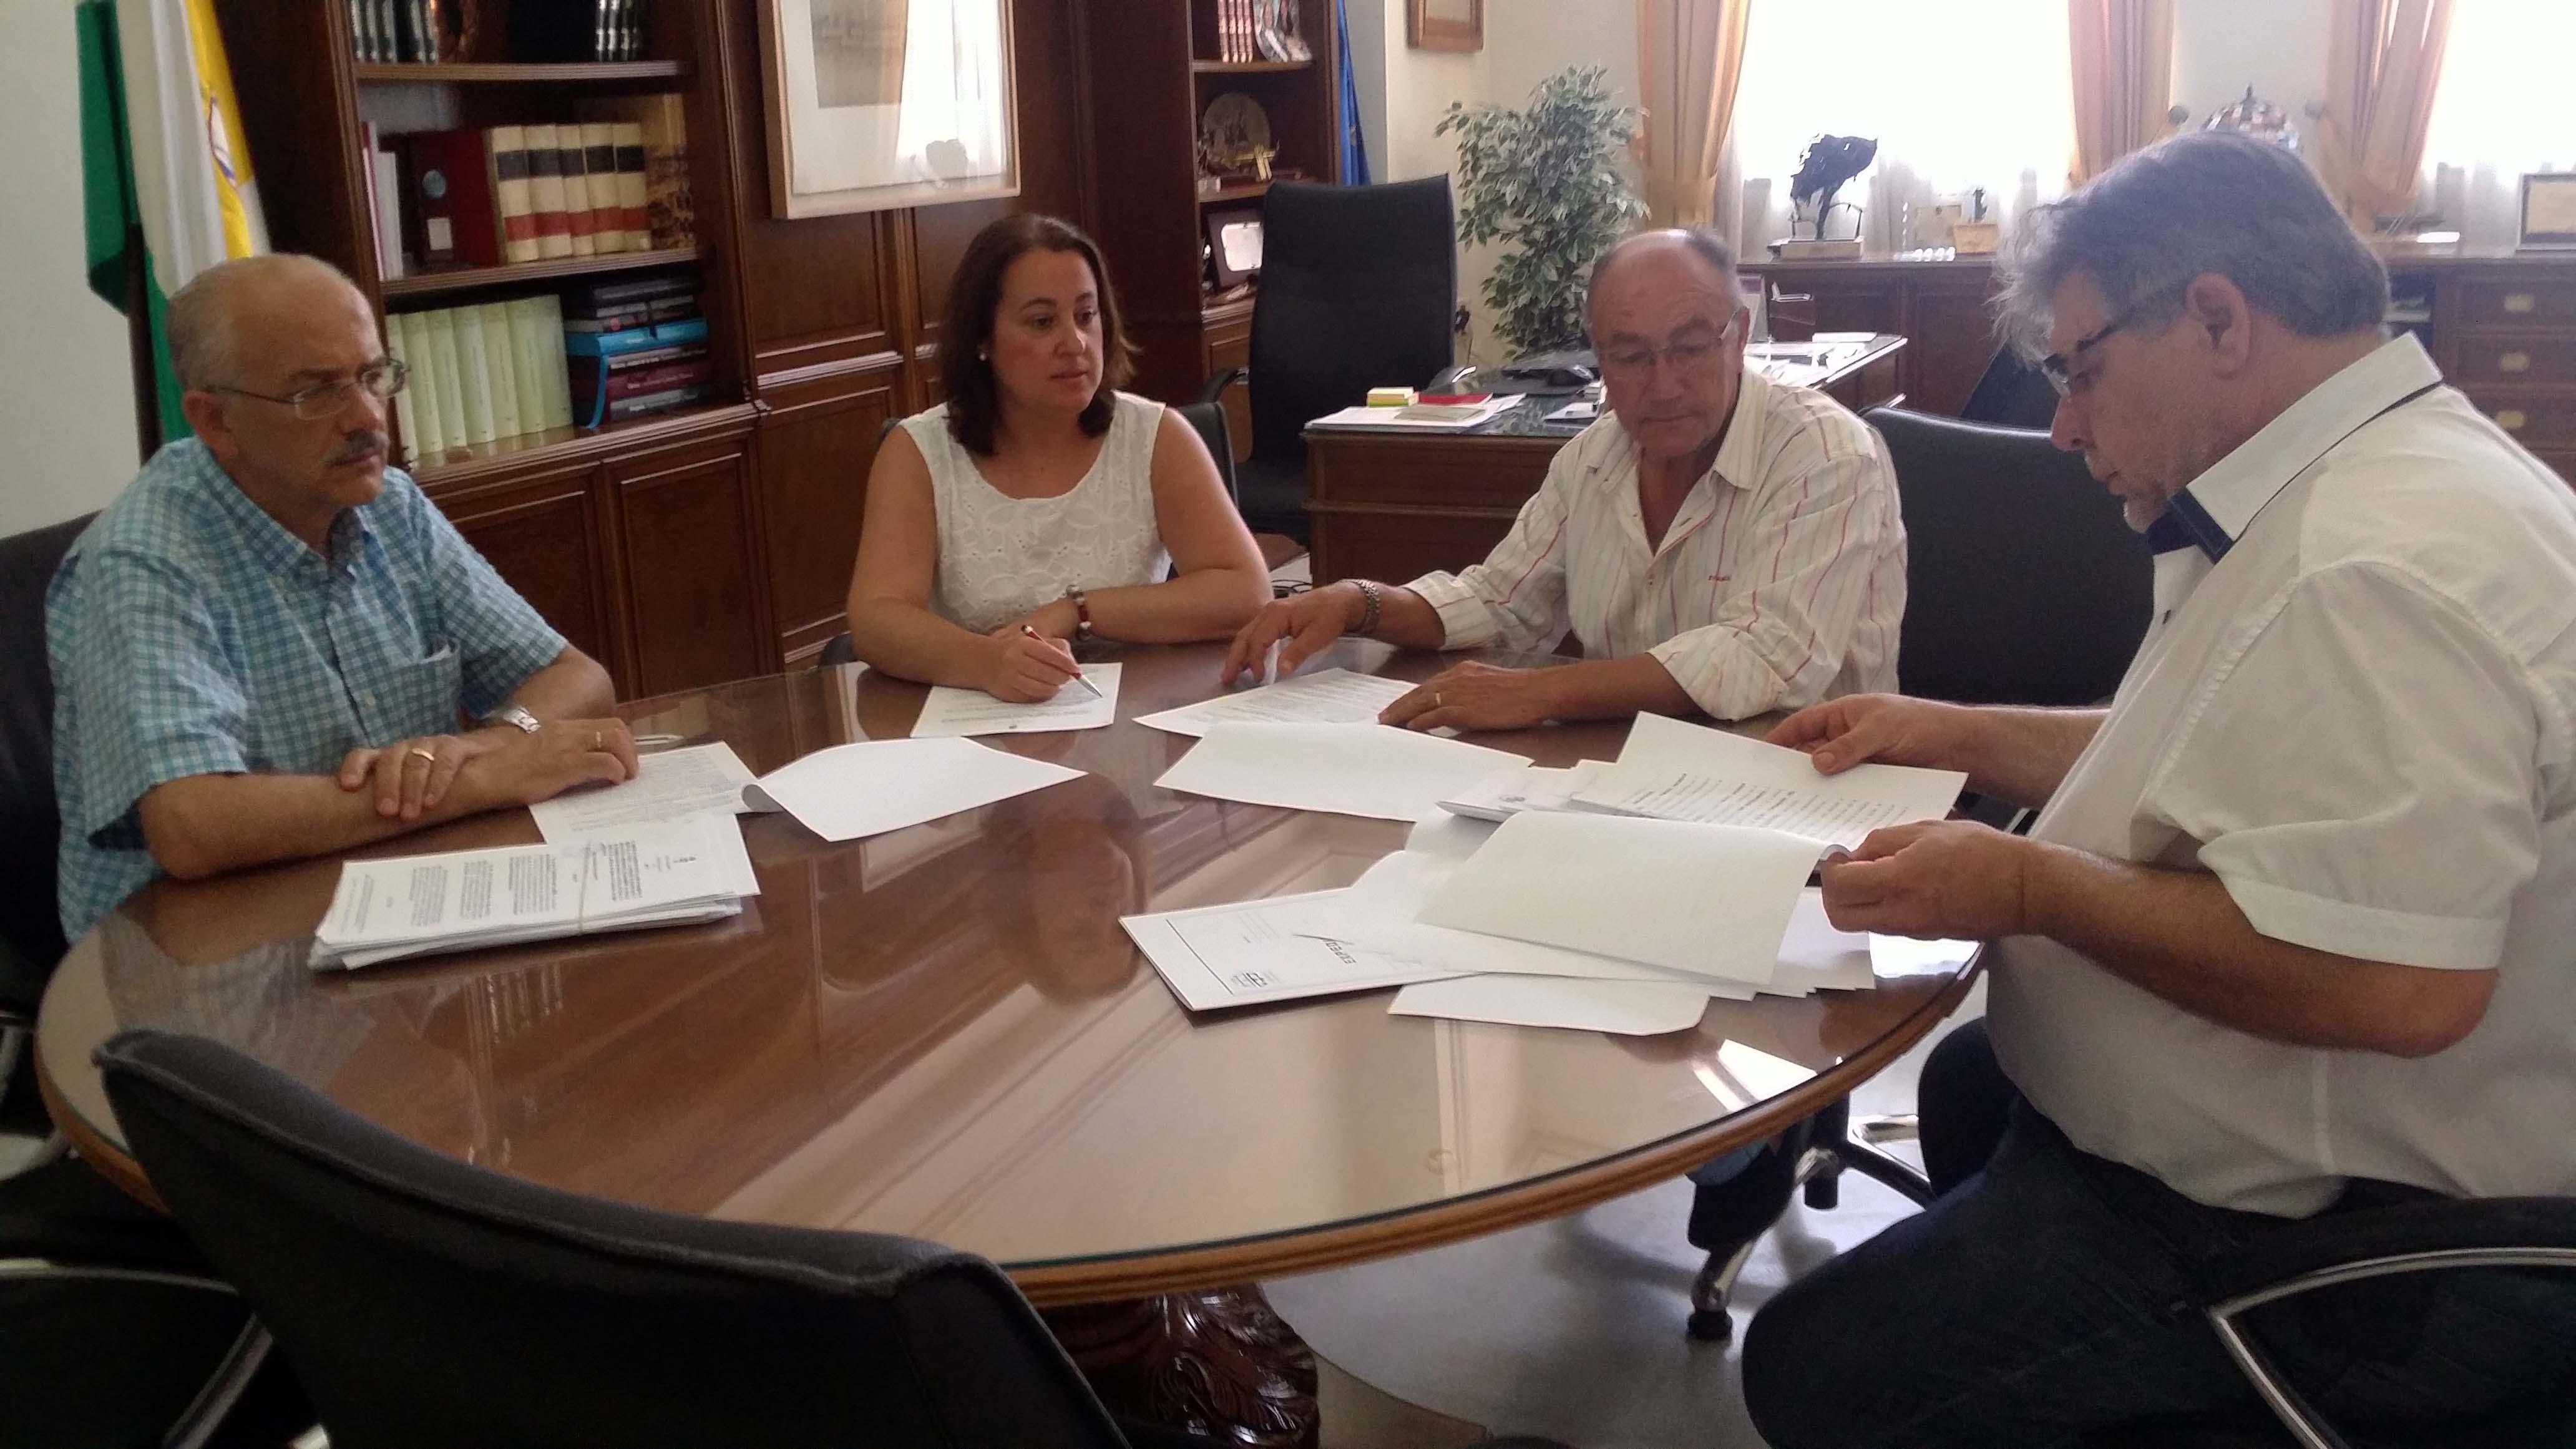 El equipo de Gobierno crea una bolsa de aparcamiento público para unos 200 vehículos en el centro de Rincón